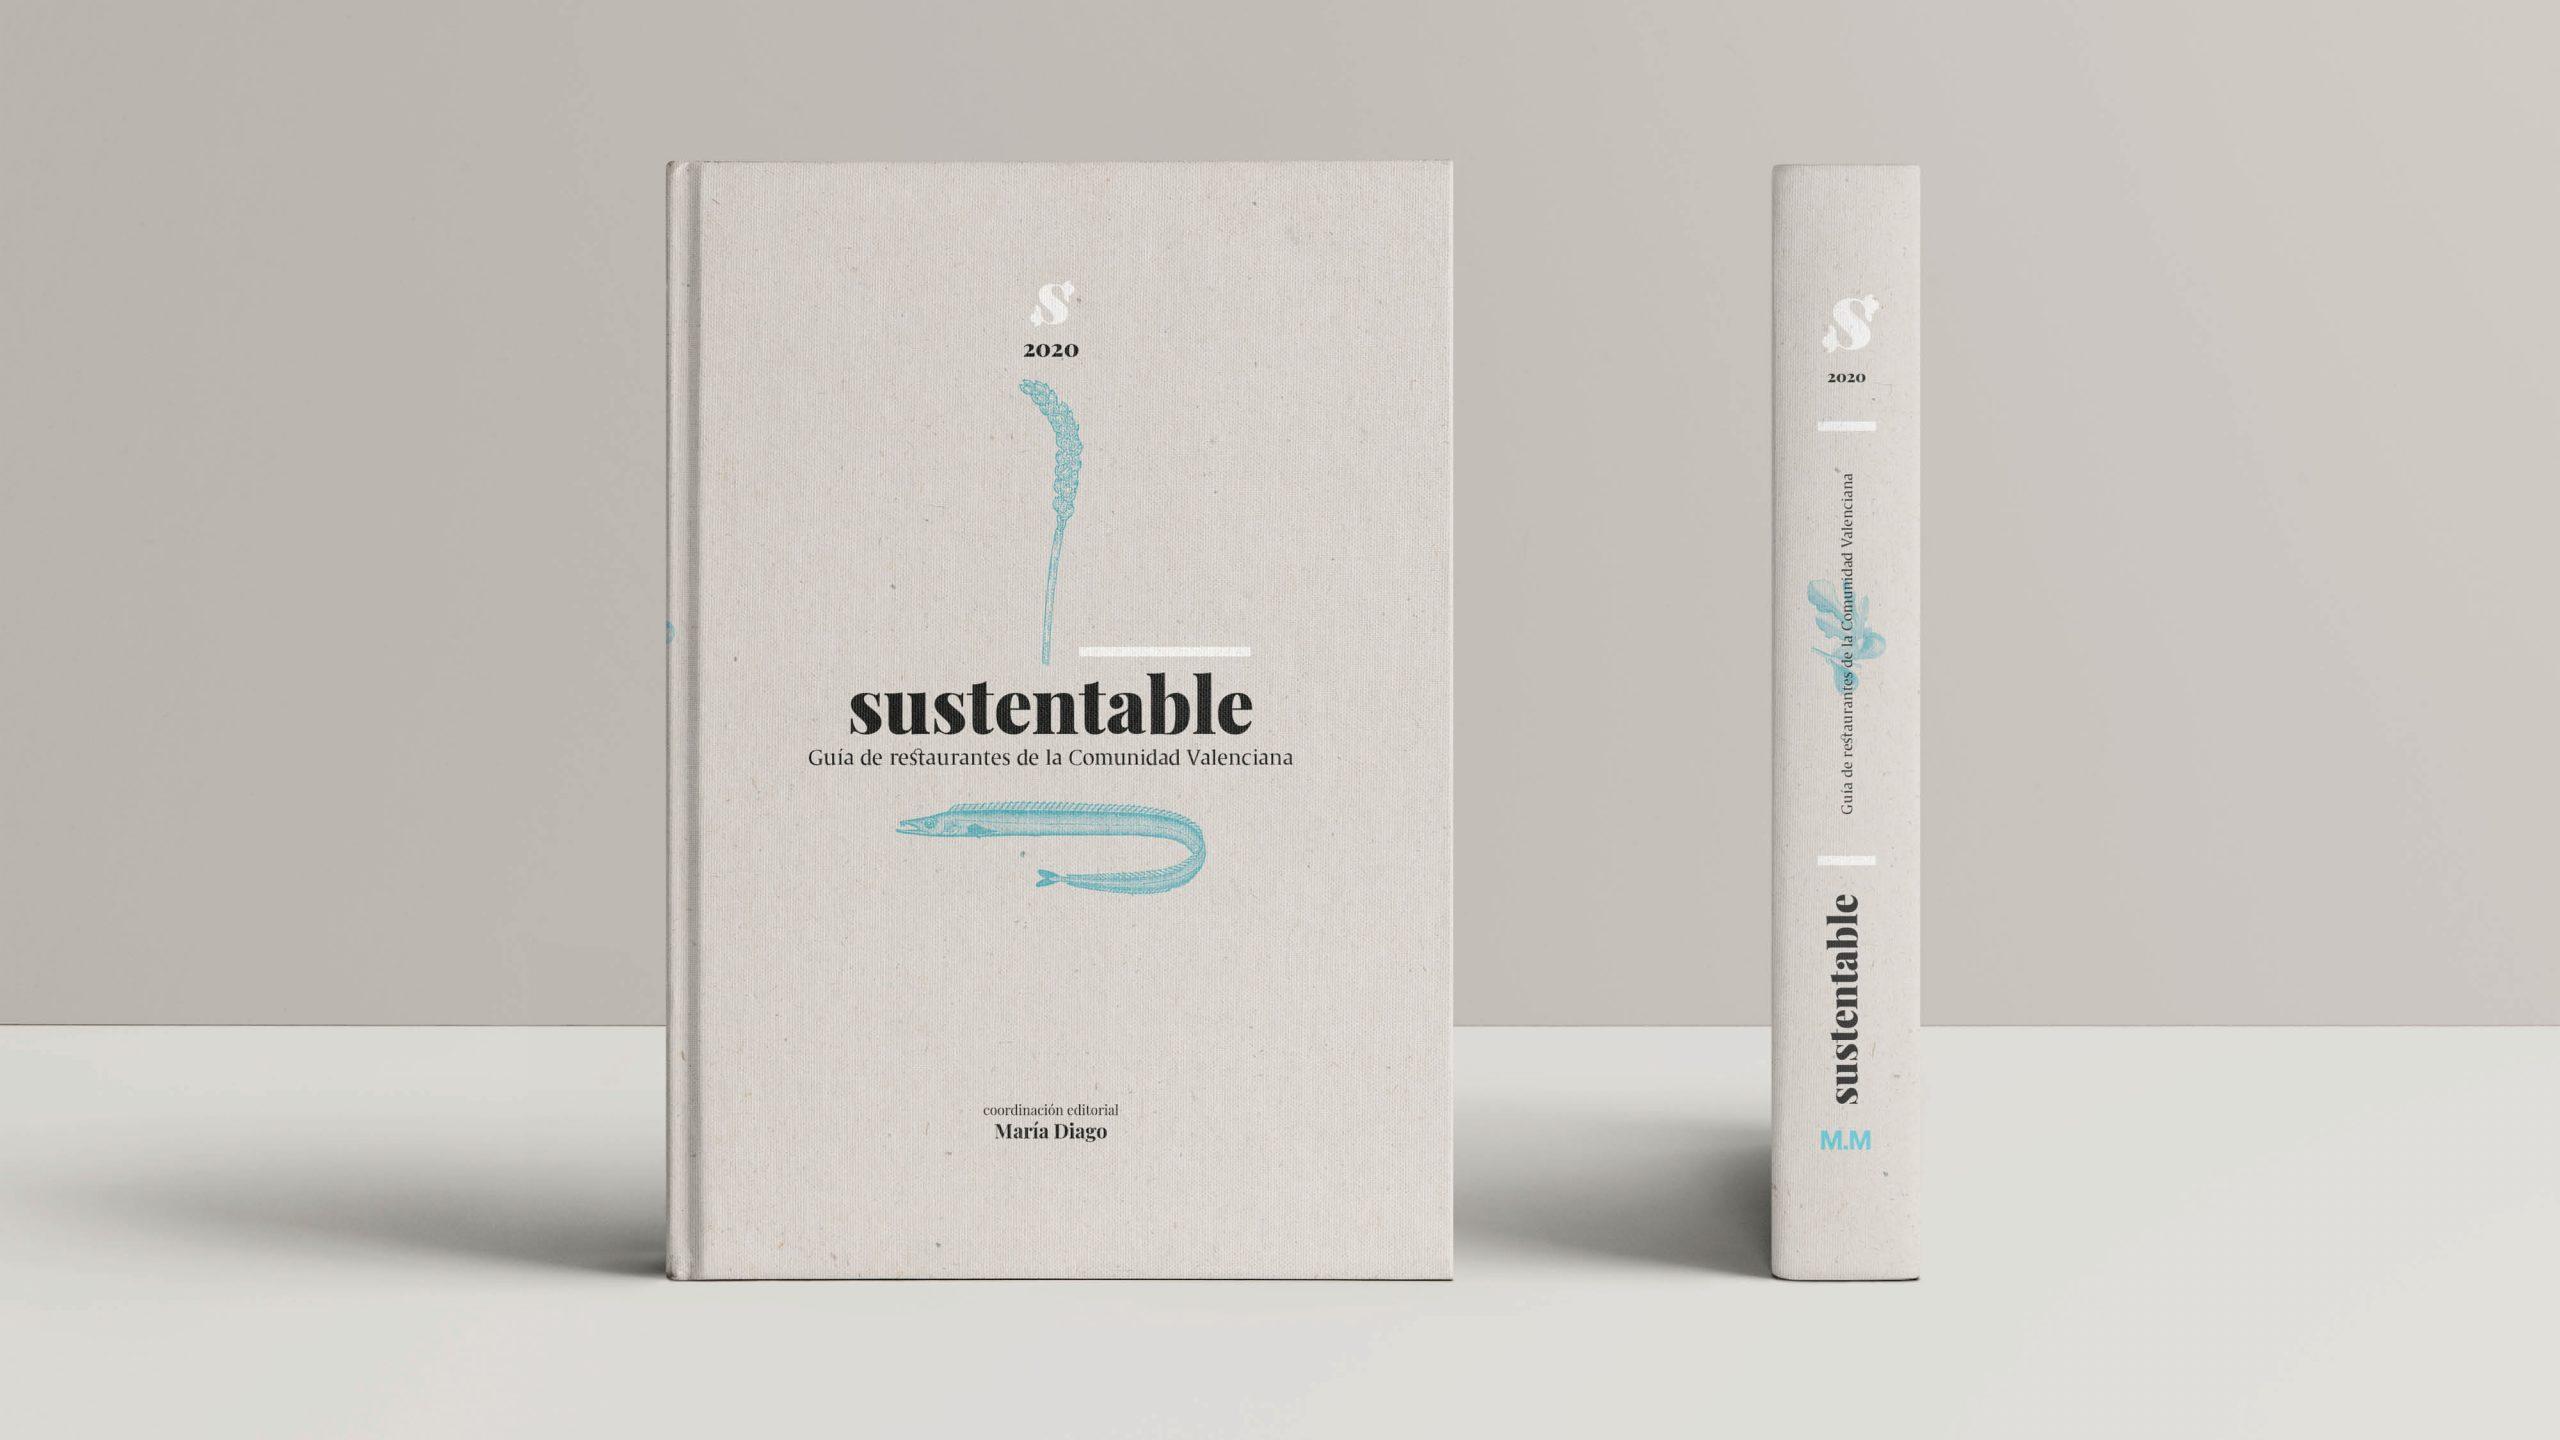 Impresión ecológica para una guía ecológica. Así es la guía Sustentable